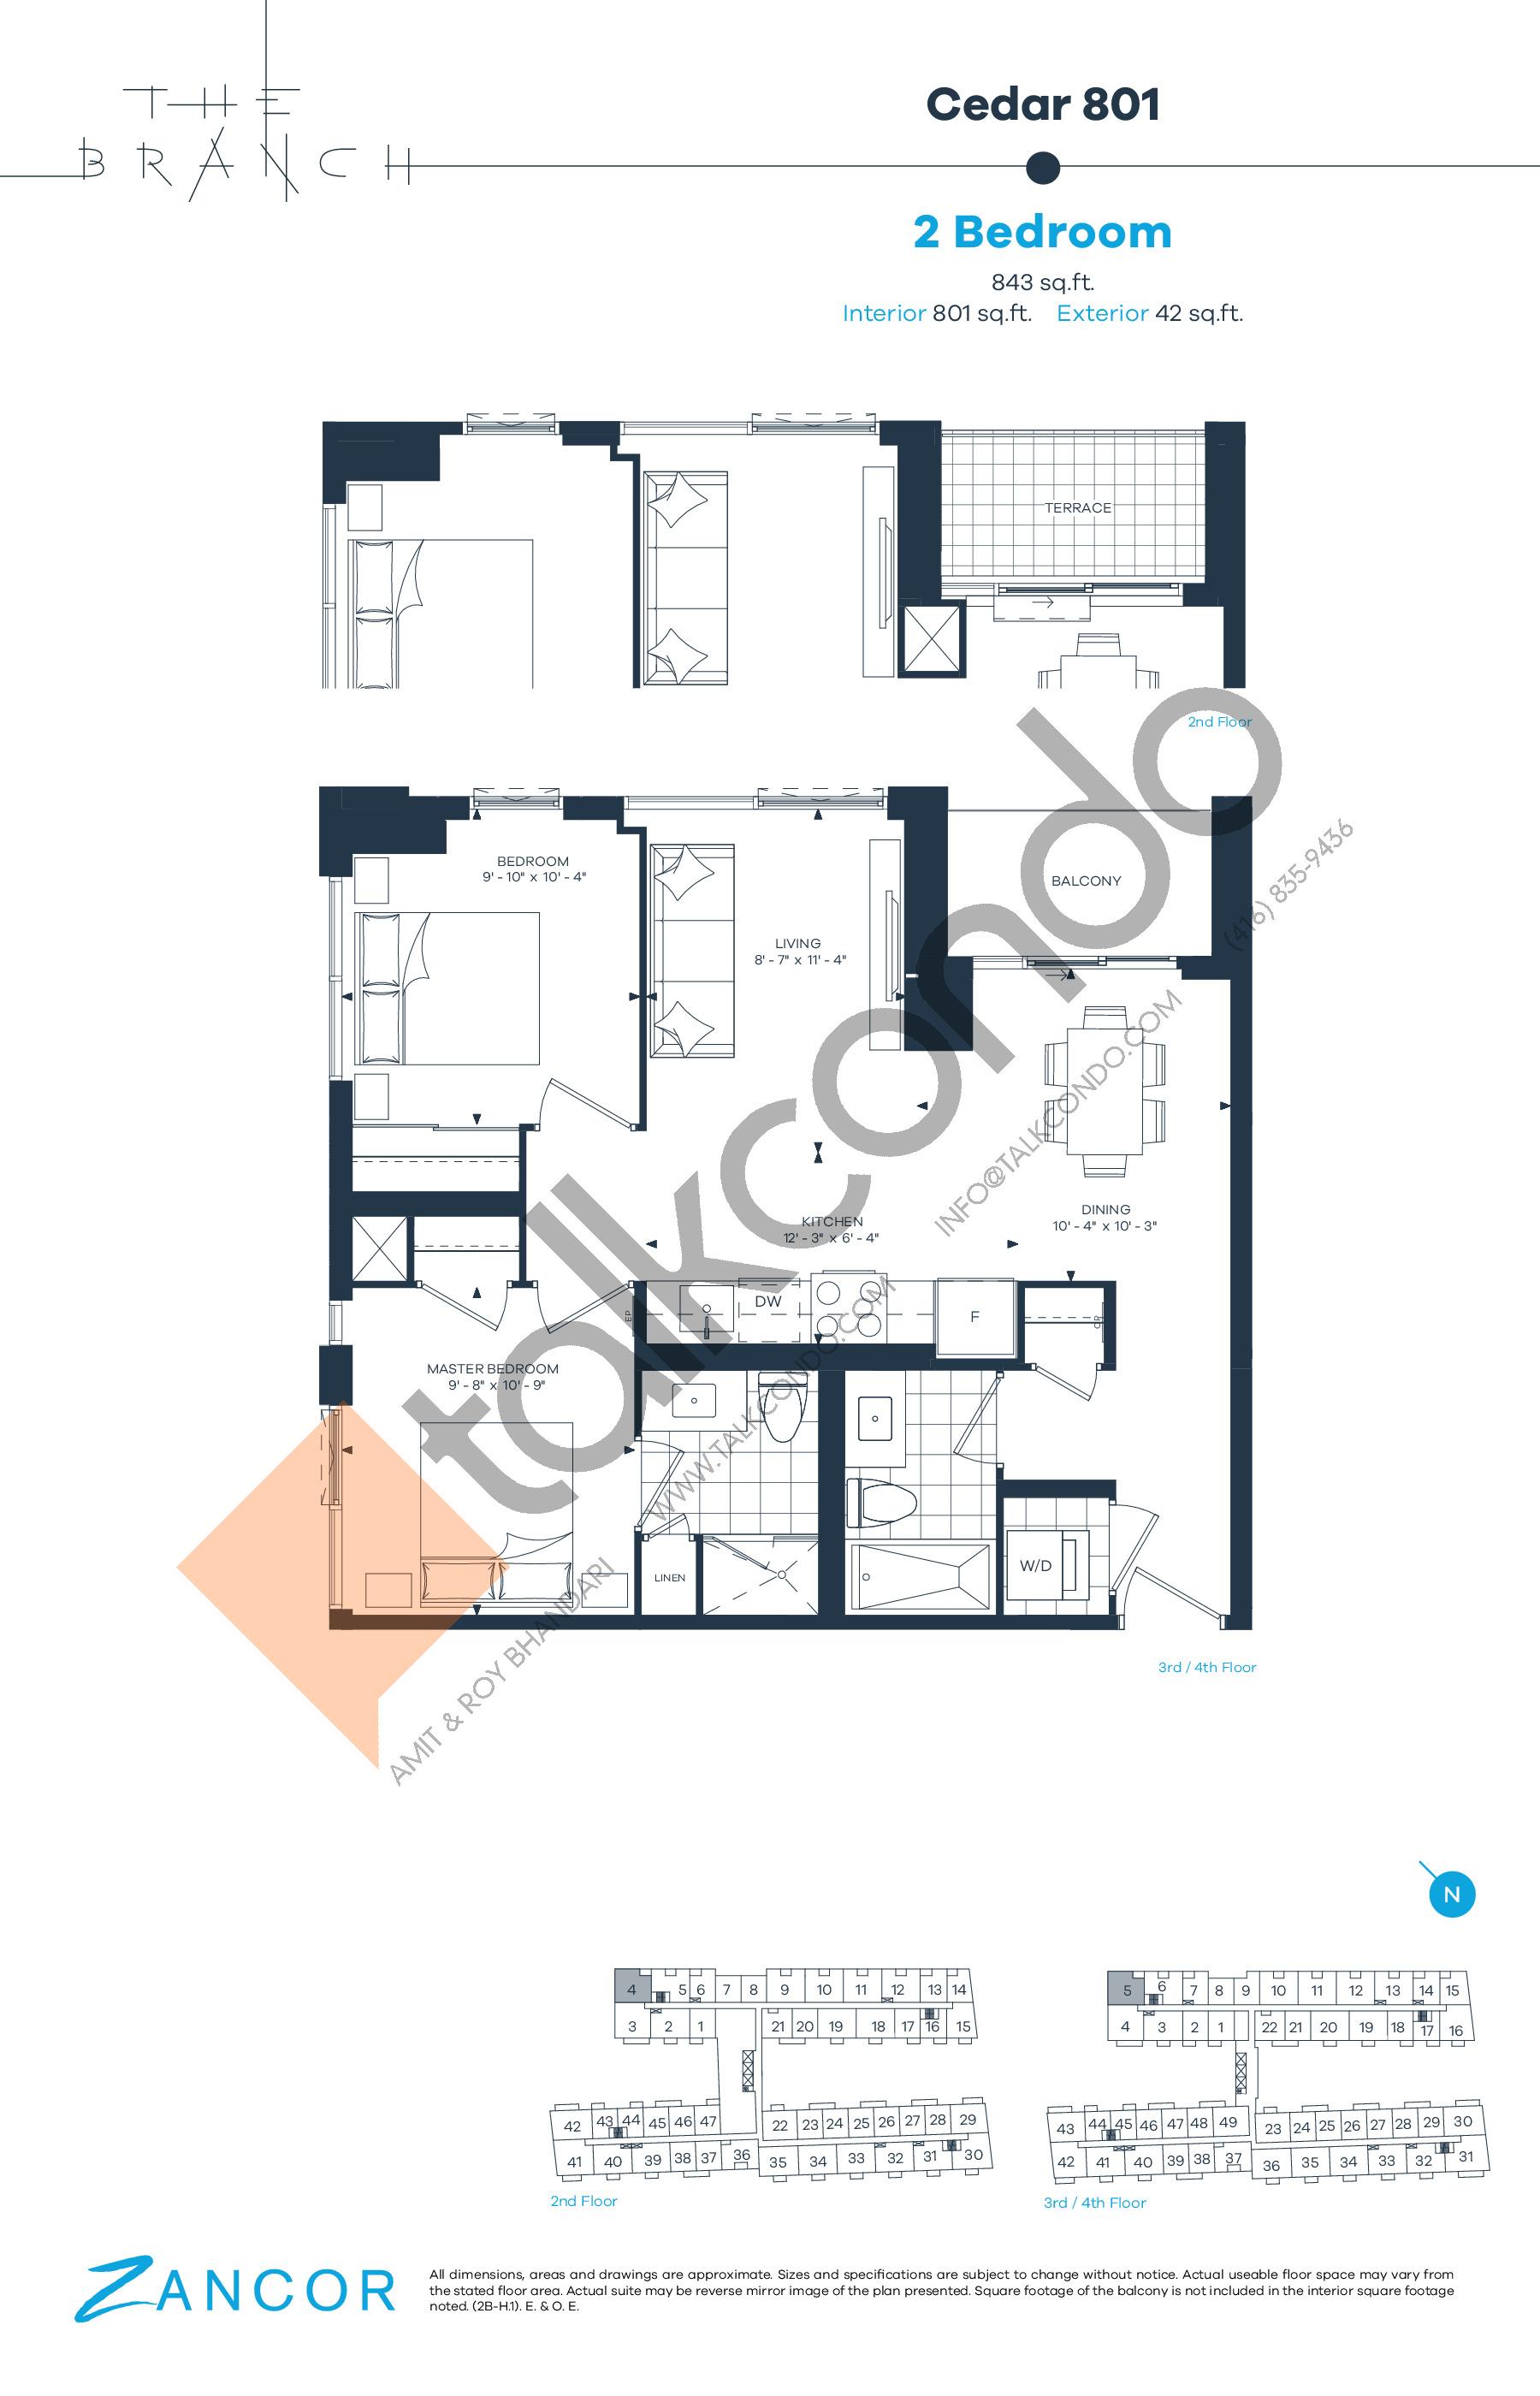 Cedar 801 Floor Plan at The Branch Condos - 801 sq.ft